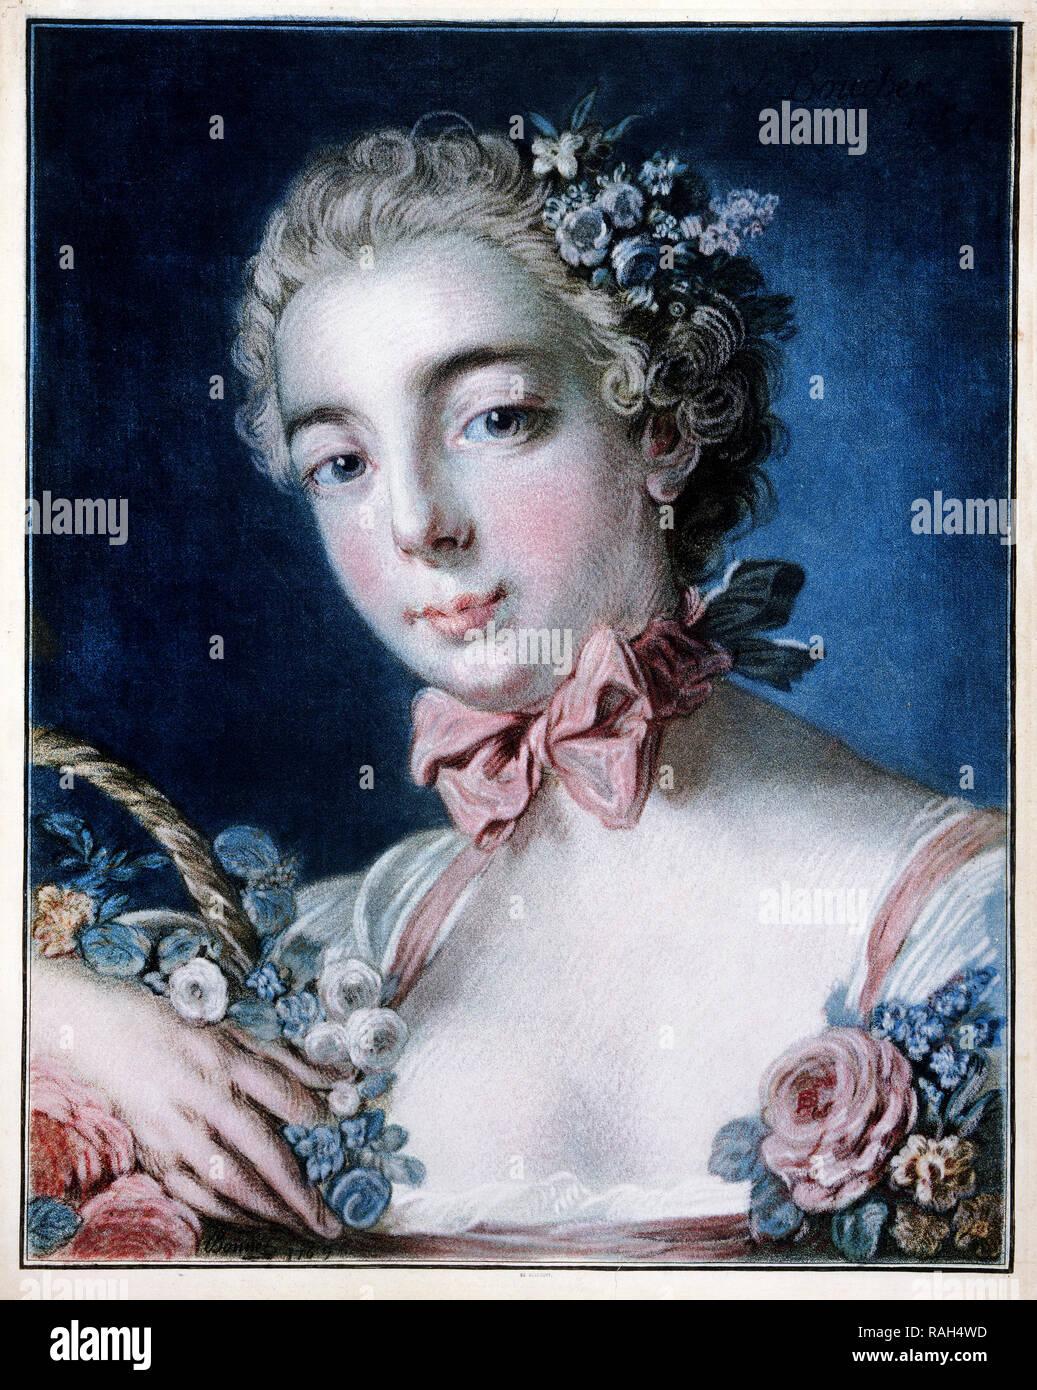 Cofano Louis-Marin, testa di Flora 1769 pastello-modo incisione stampata a colori da otto piastre, Philadelphia Museum of Art, STATI UNITI D'AMERICA. Immagini Stock